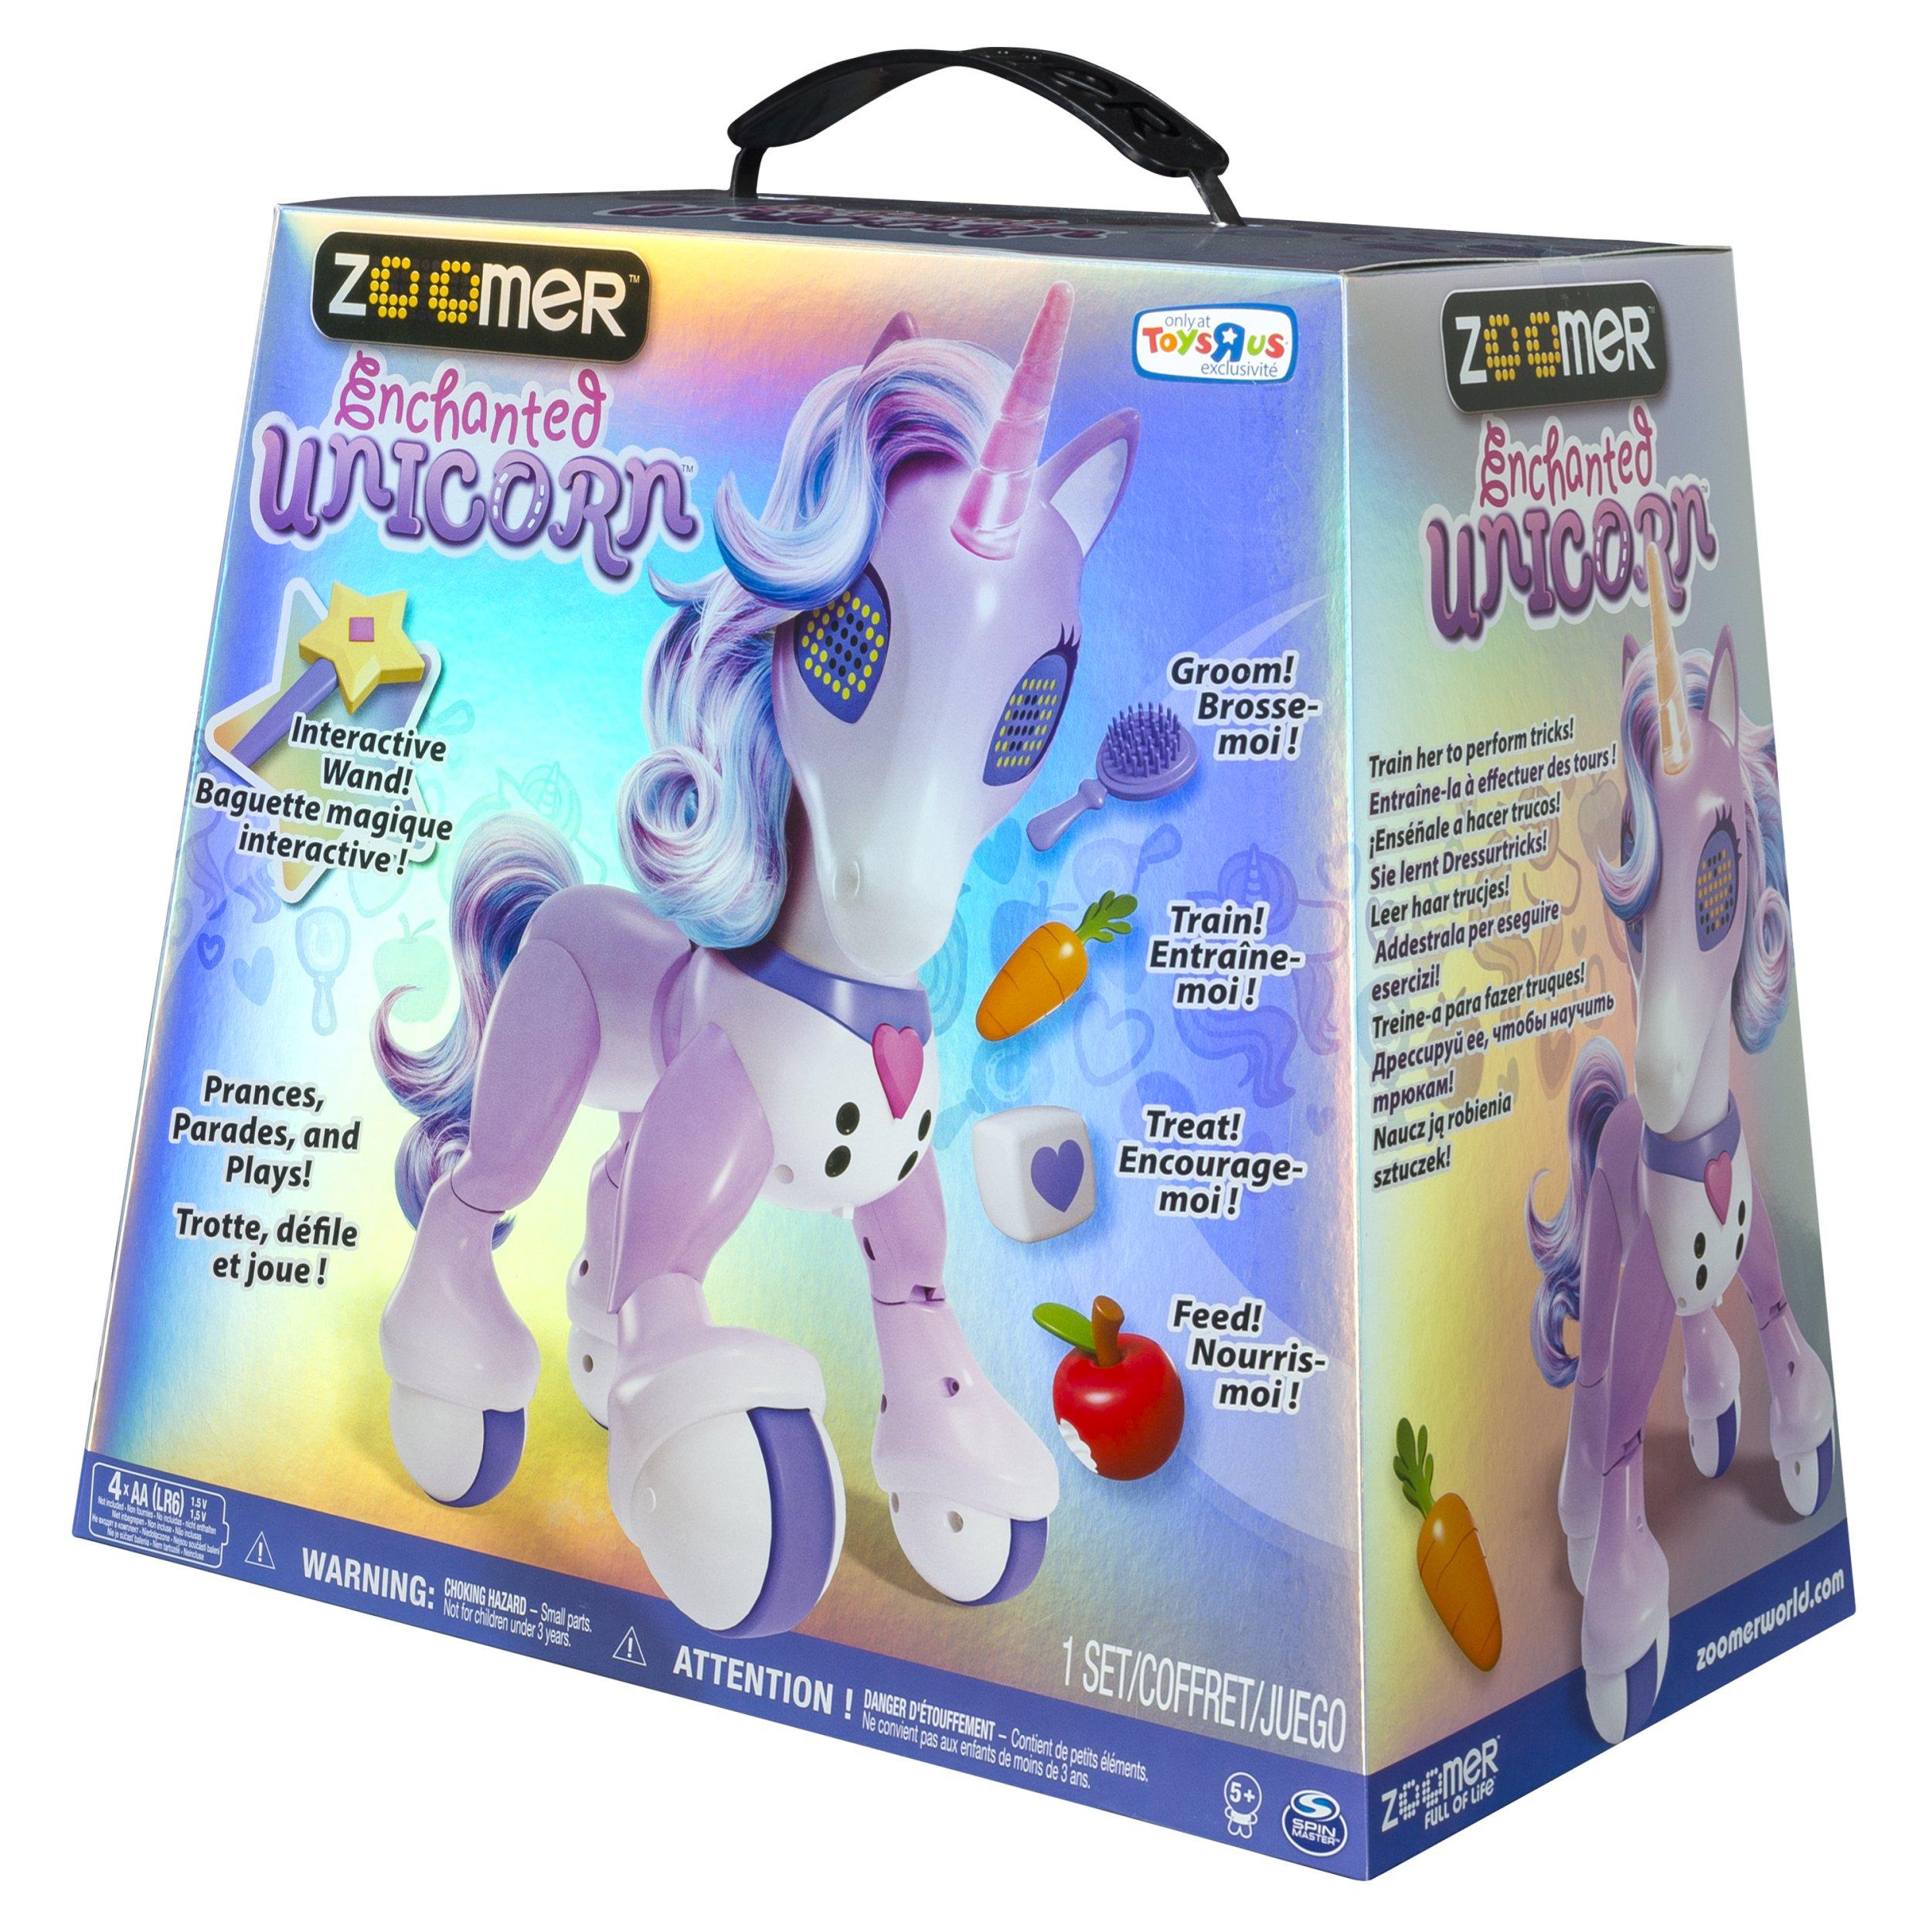 Zoomer 6040309 Enchanted Unicorn Toy by Zoomer (Image #9)